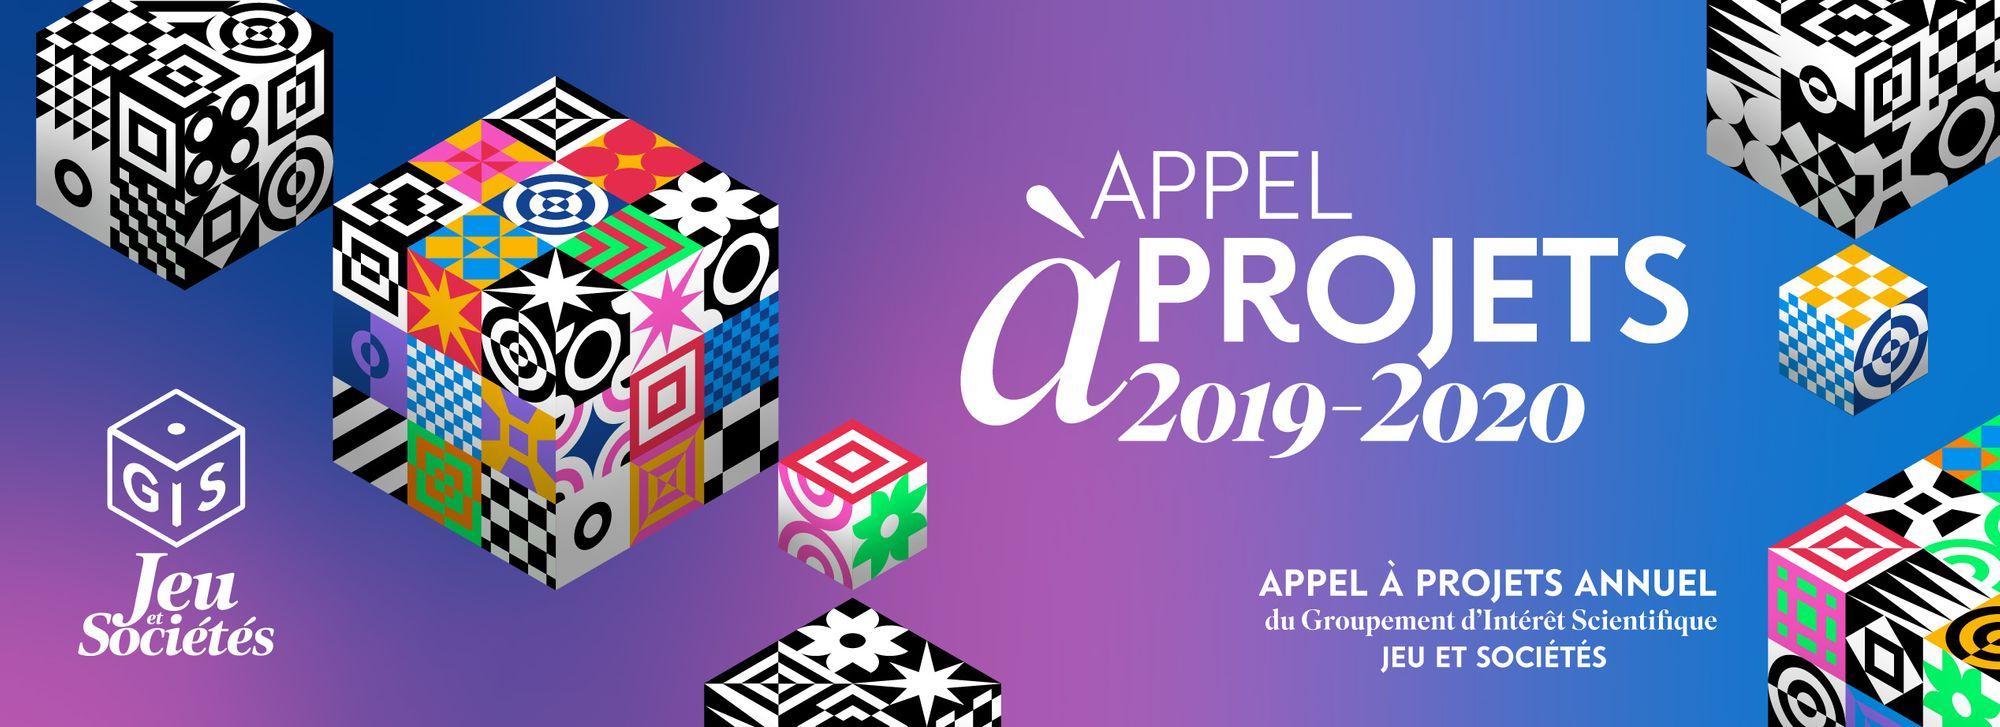 Appel à projets du GIS Jeu et Sociétés - édition 2019-2020